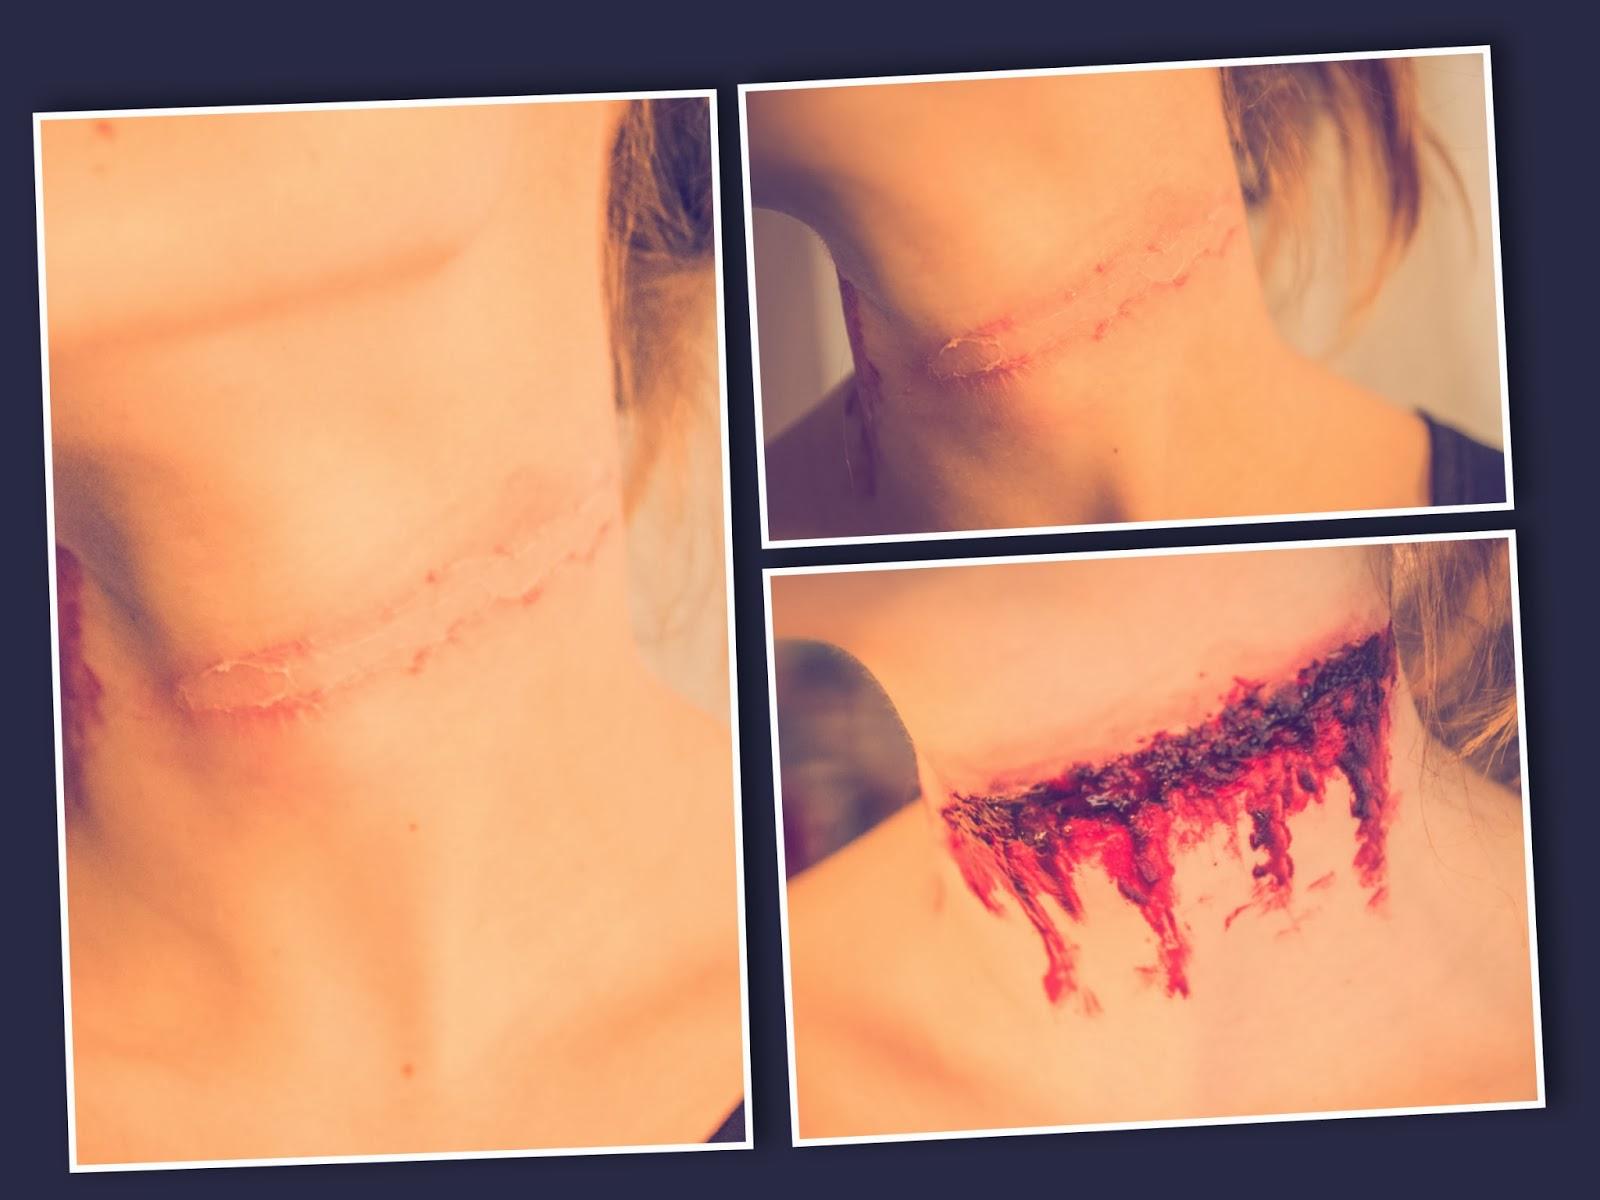 vampirbiss wunde schminken